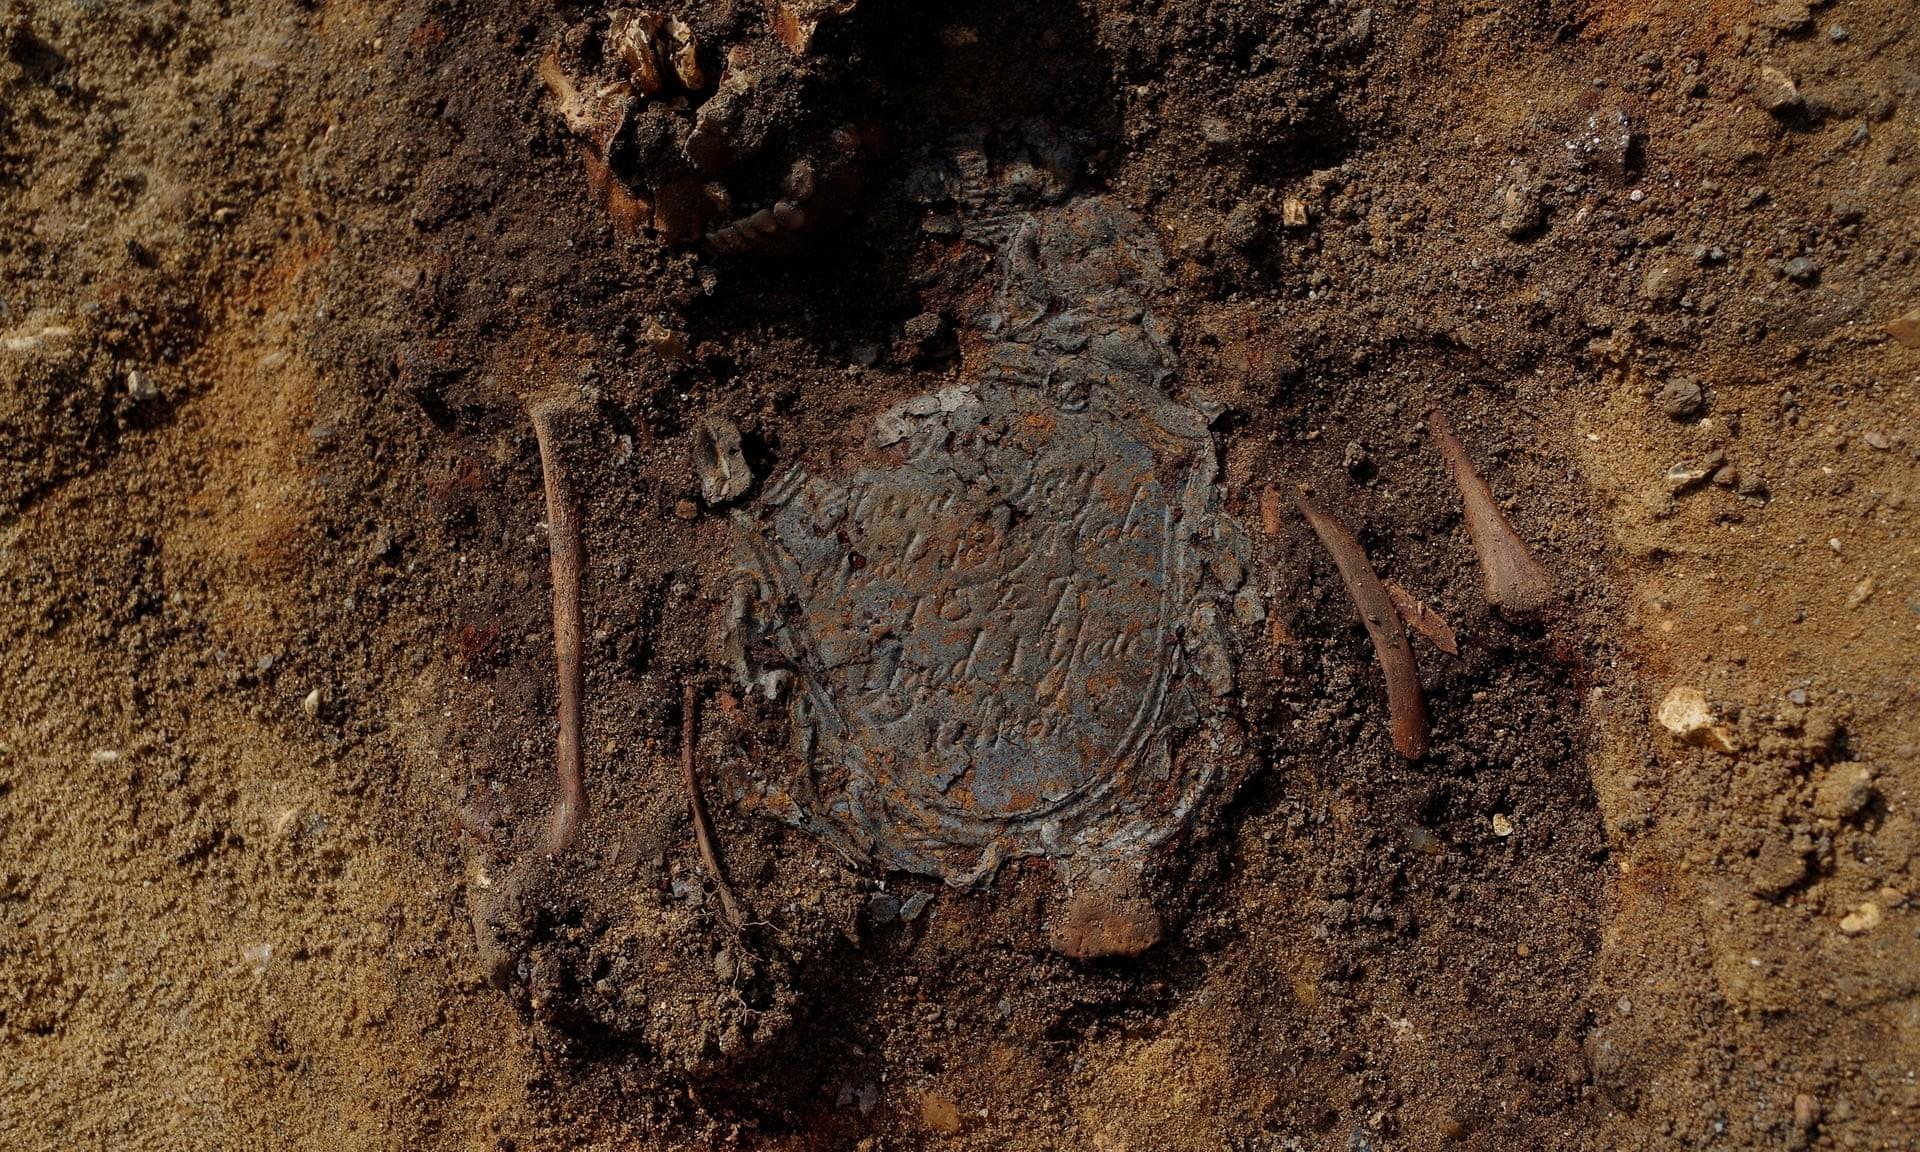 Homenagem a uma criança que morreu antes de completar dois anos de idade (Foto: Divulgação/ Wessex Archaeology)